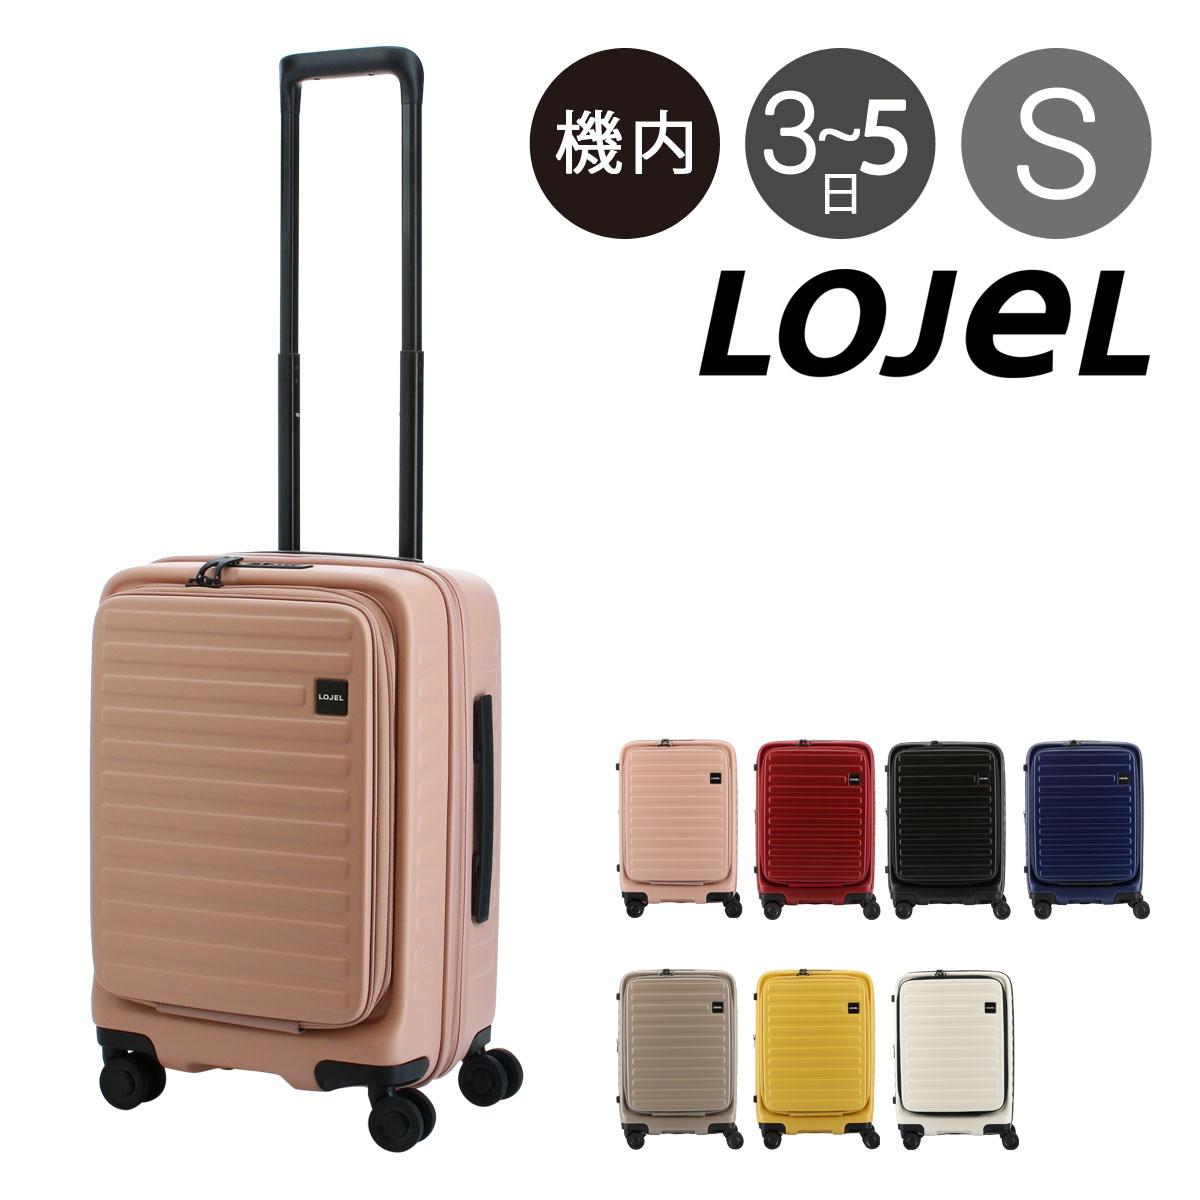 ロジェール LOJEL スーツケース CUBO-S 50.5cm キャリーケース キャリーバッグ ビジネスキャリー 機内持ち込み可能 拡張機能 エキスパンダブル TSAロック搭載[PO10][bef][即日発送]